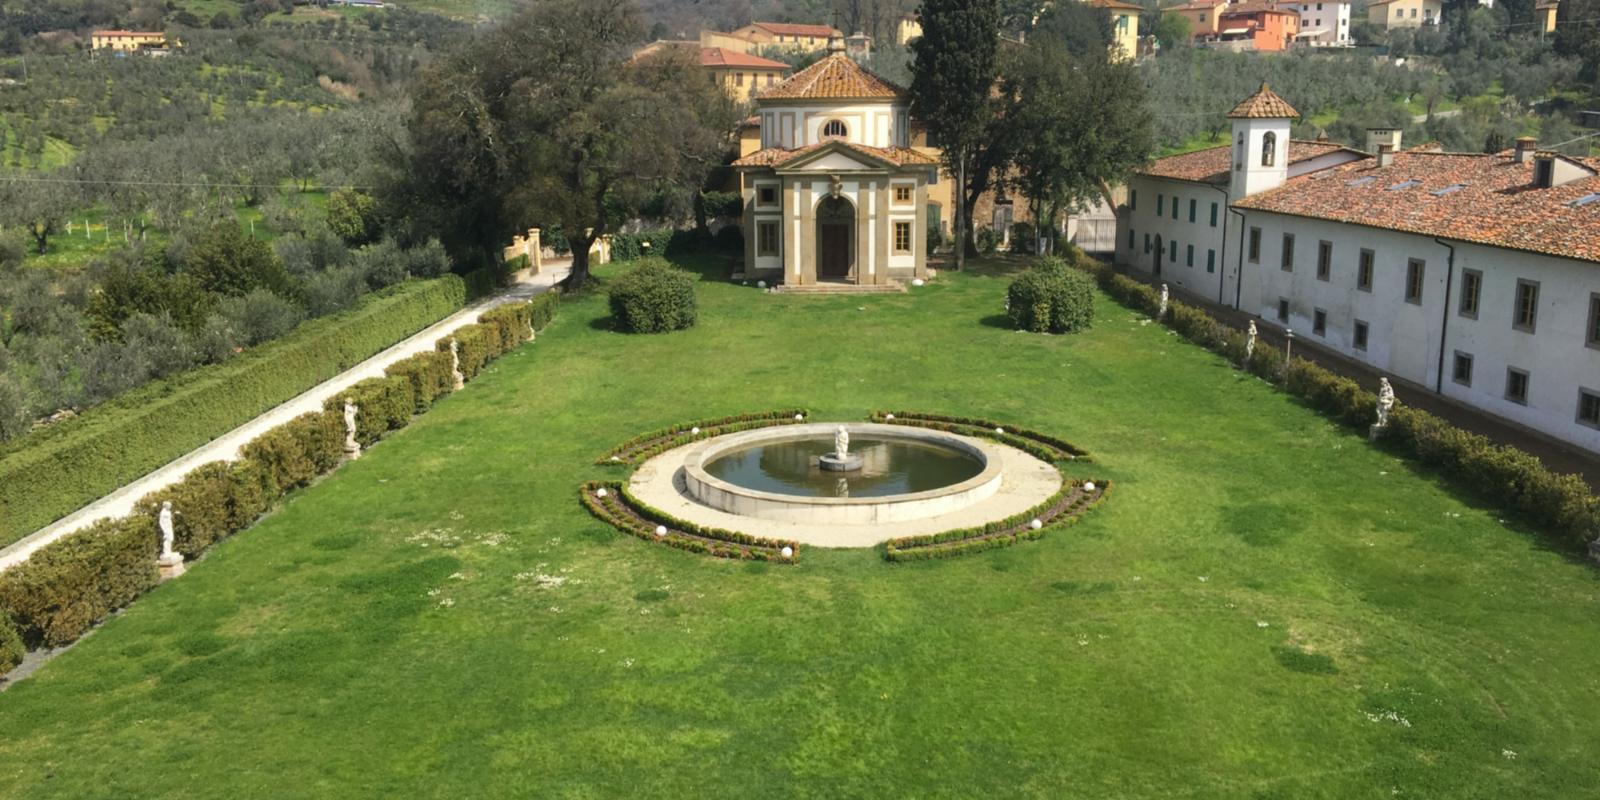 La Limonaia Villa Rospigliosi quarta tappa di un'altra estate porciano - lamporecchio